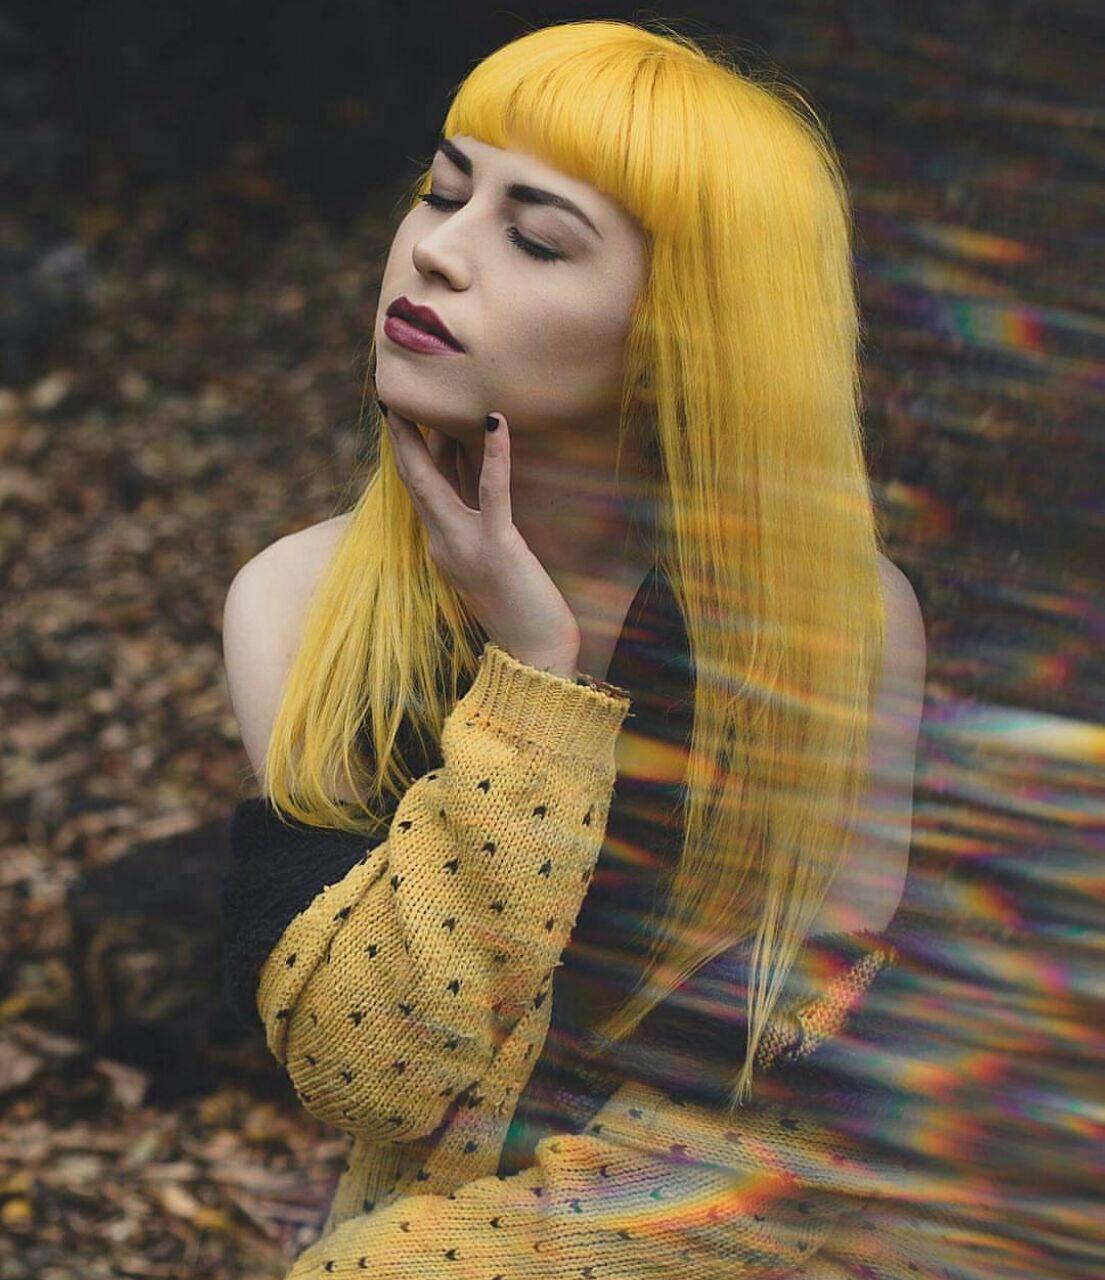 عکس زن زیبا با موهای زرد